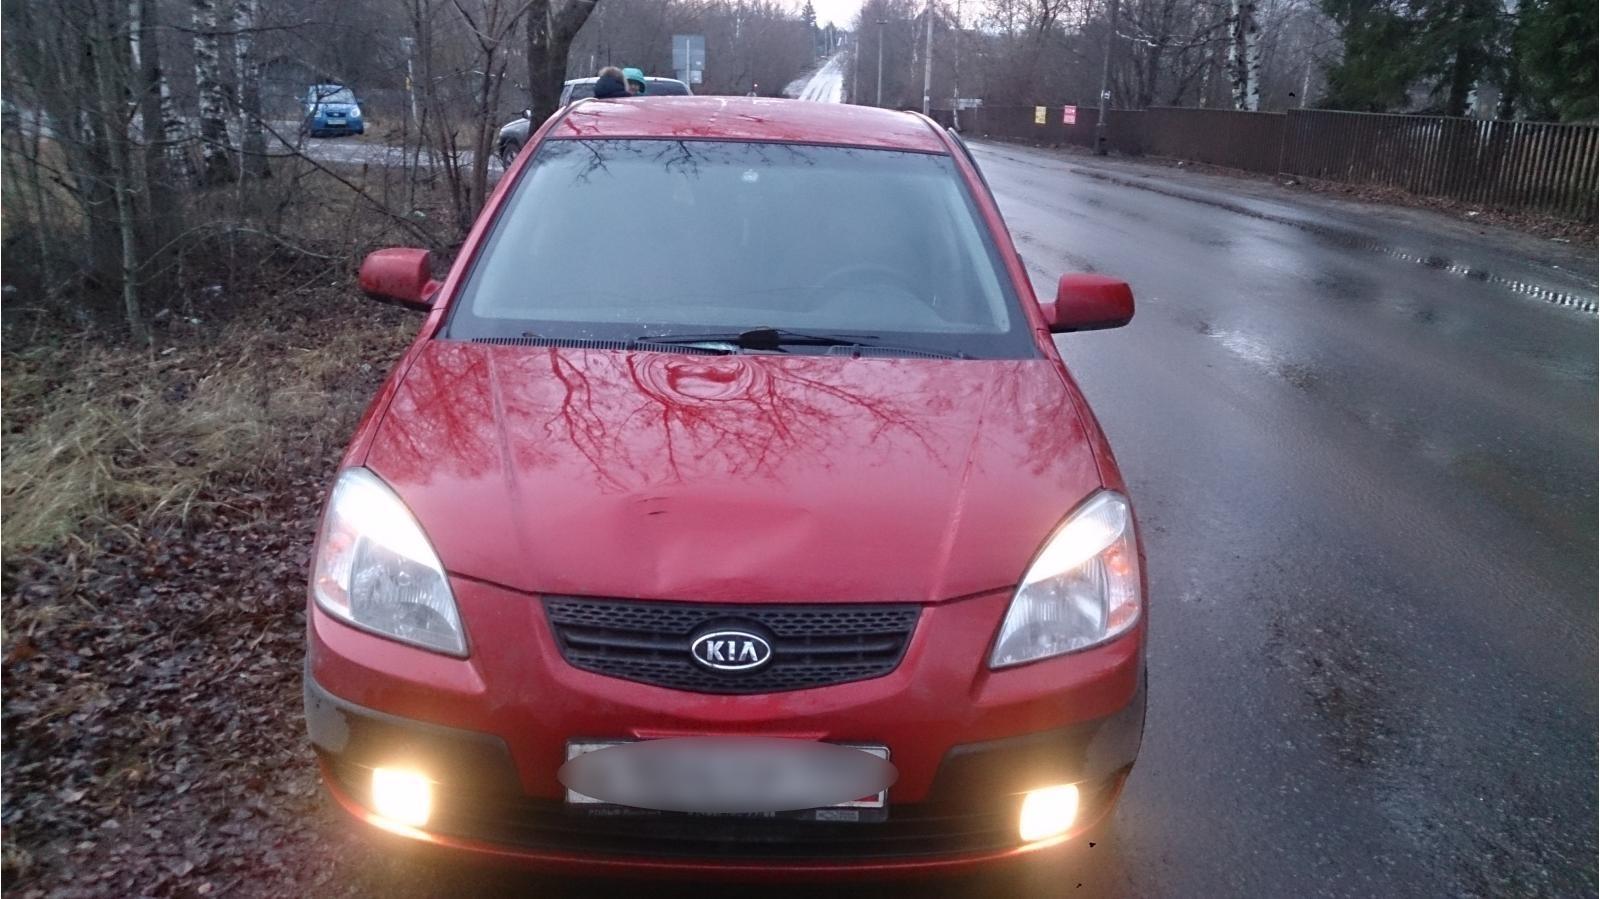 На улице Ильича в Кимрах водитель Киа Рио сбила пожилого мужчину, стоящего на проезжей части